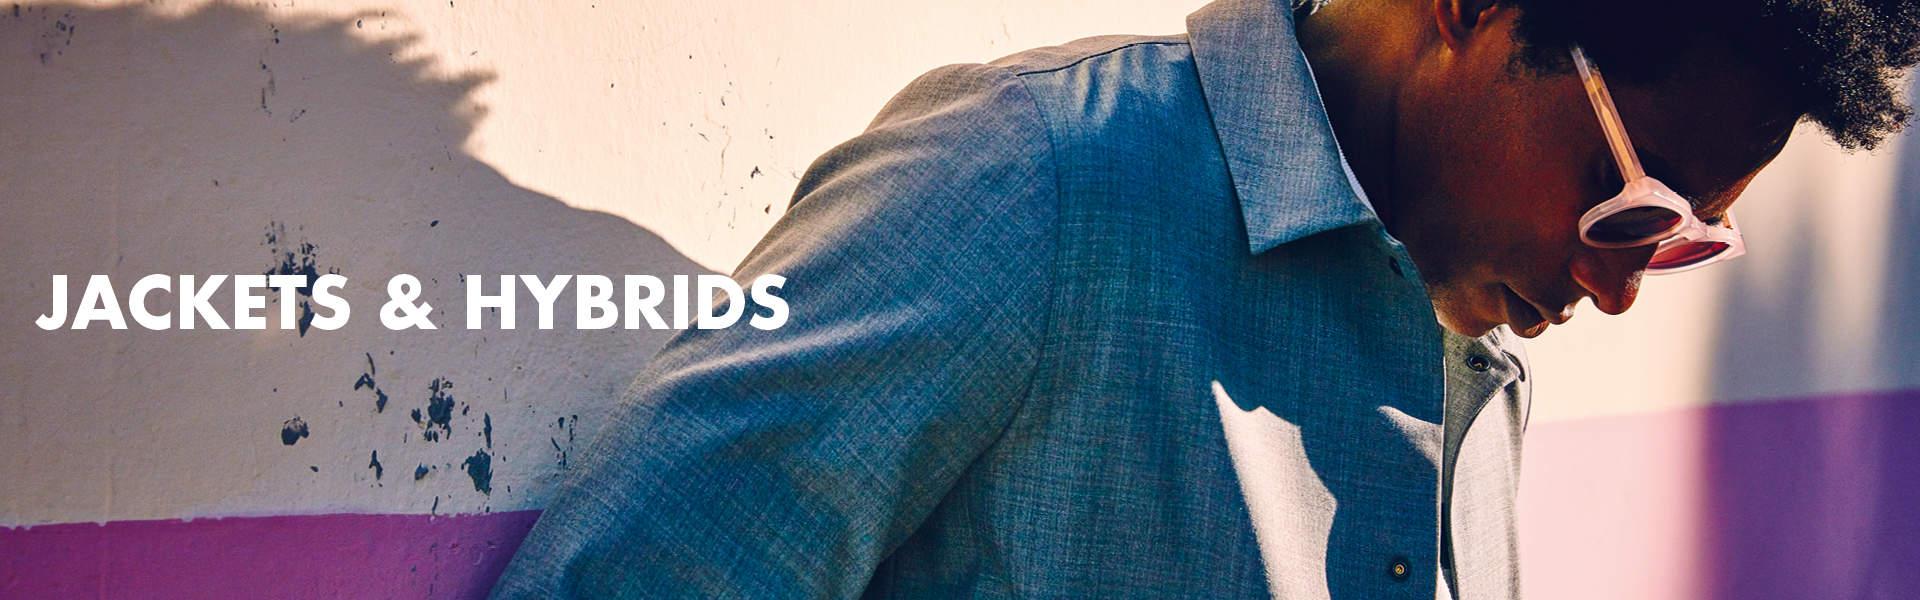 Jackets slide 1